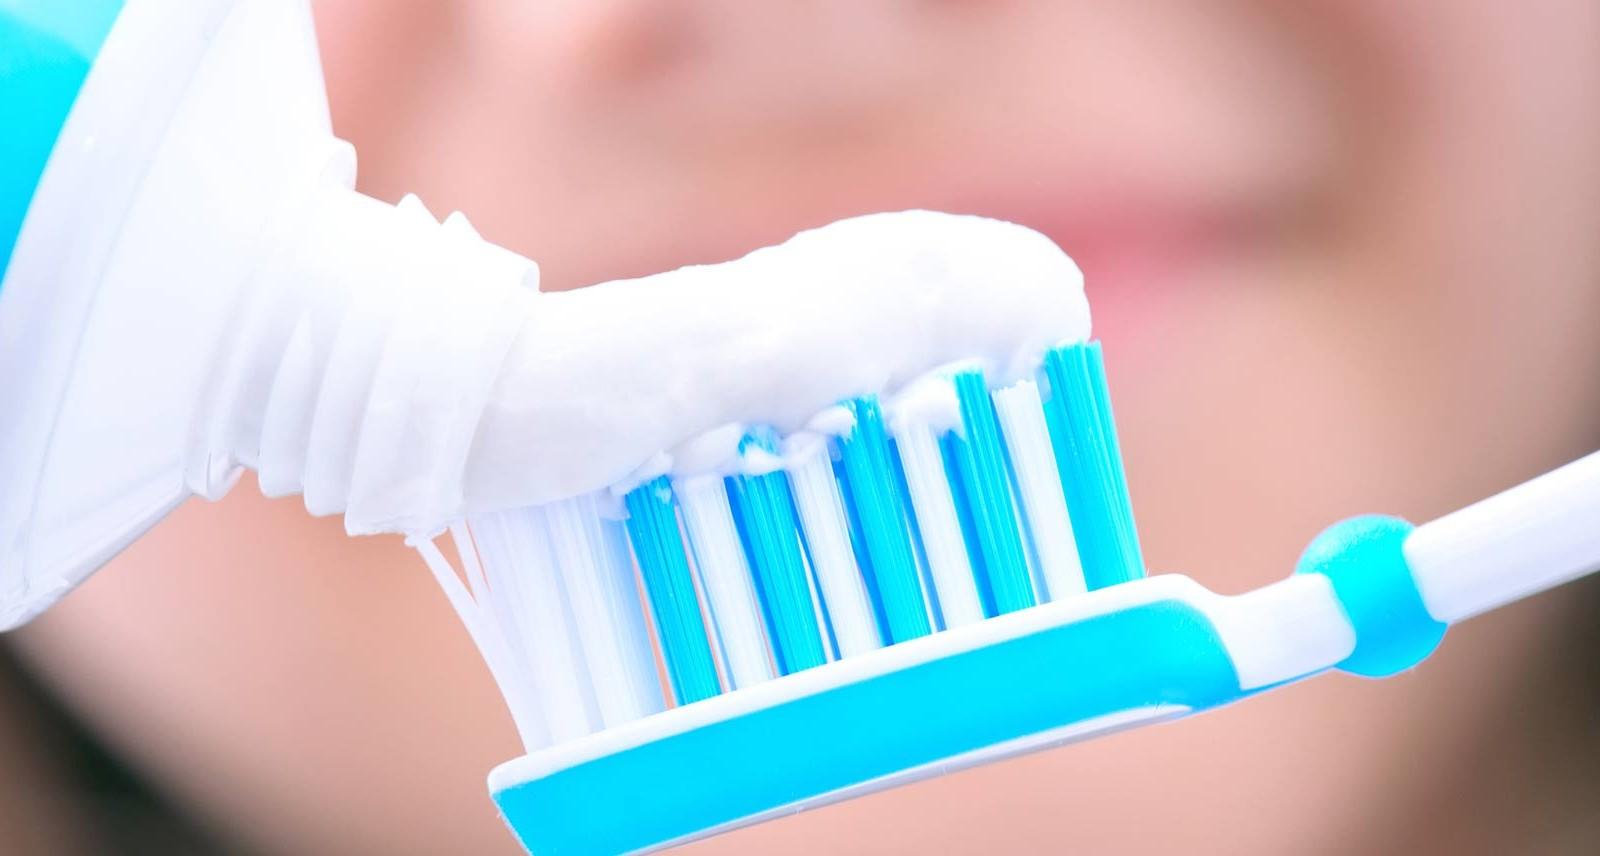 Whitening Toothpaste: Bullshit?